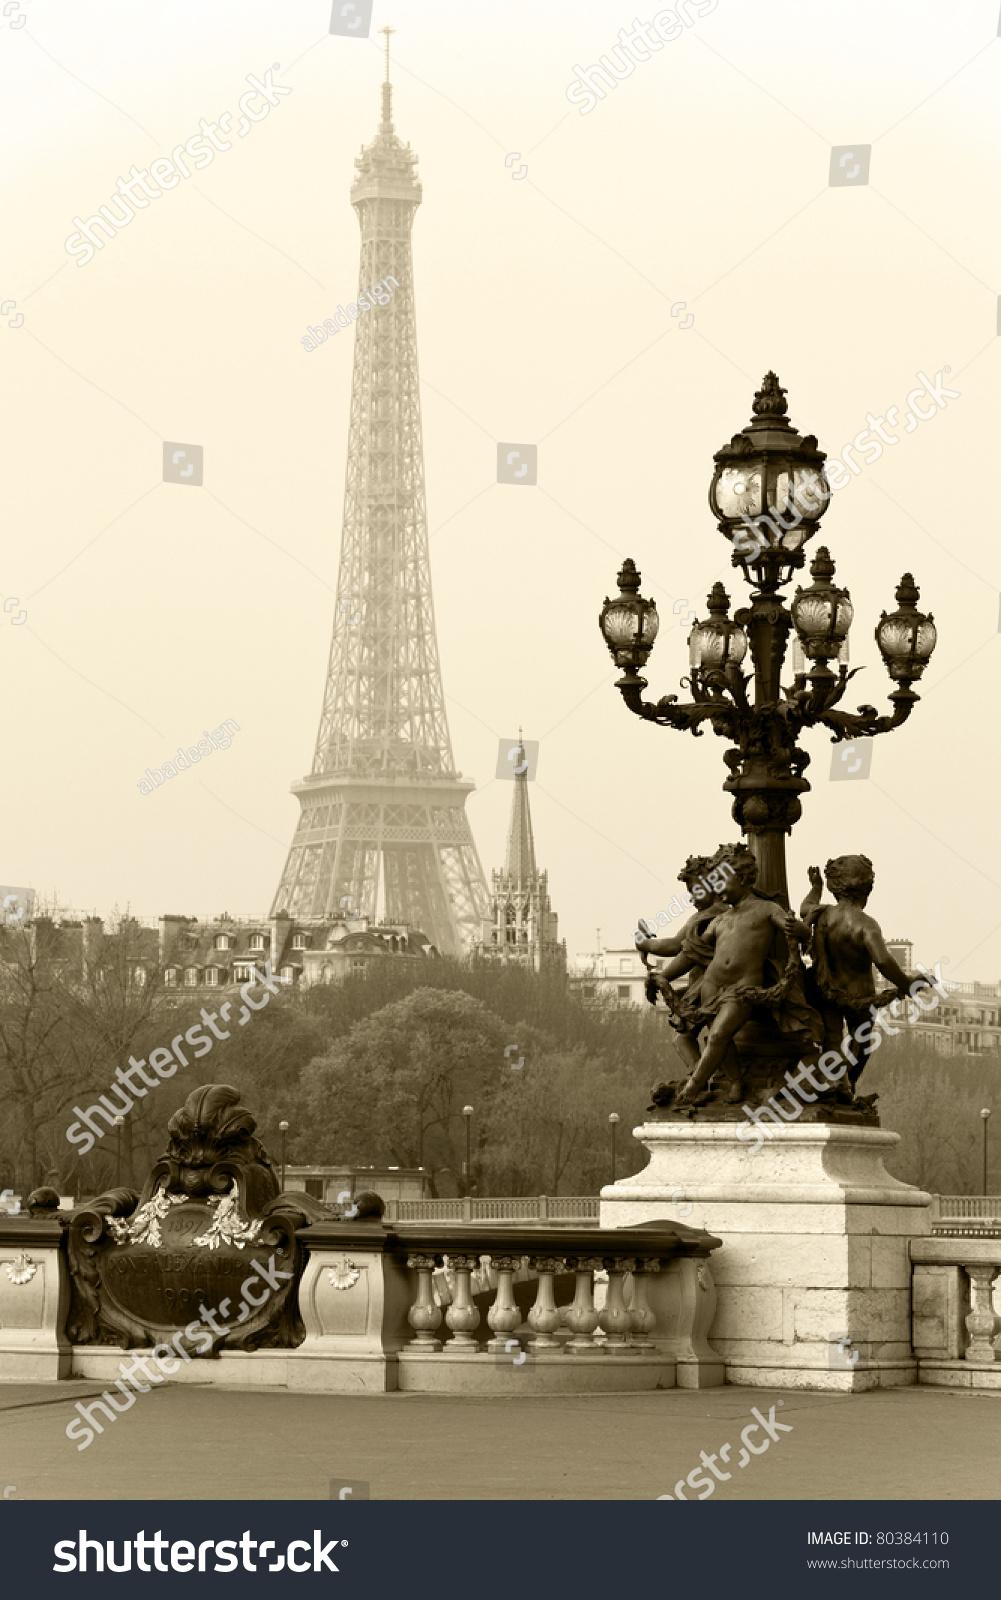 埃菲尔铁塔在巴黎